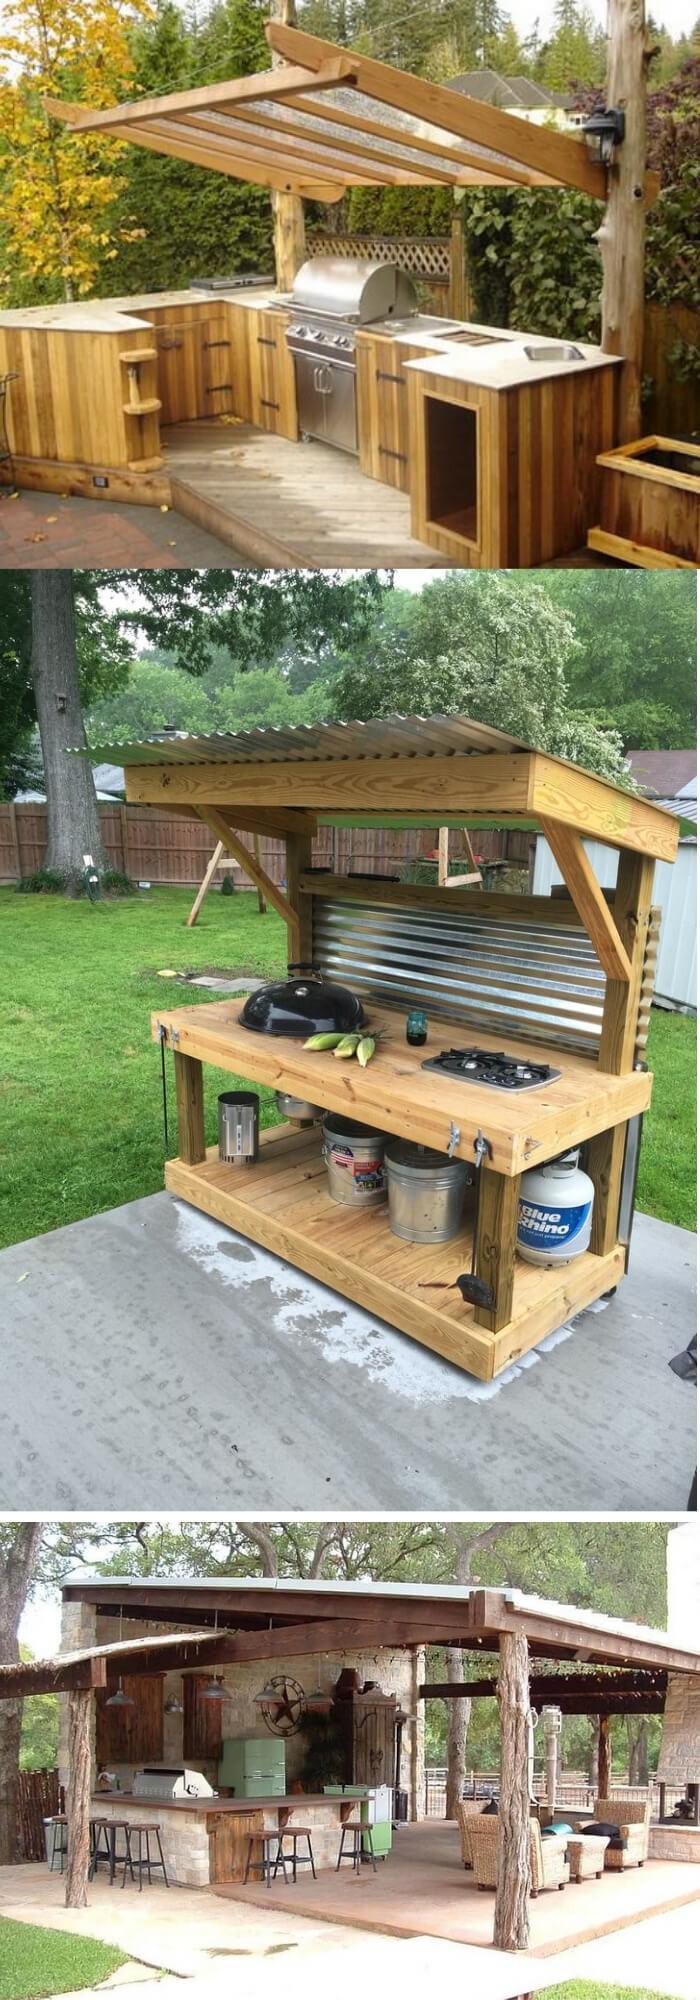 Diy Outdoor Kitchen Ideas  31 Stunning Outdoor Kitchen Ideas & Designs With